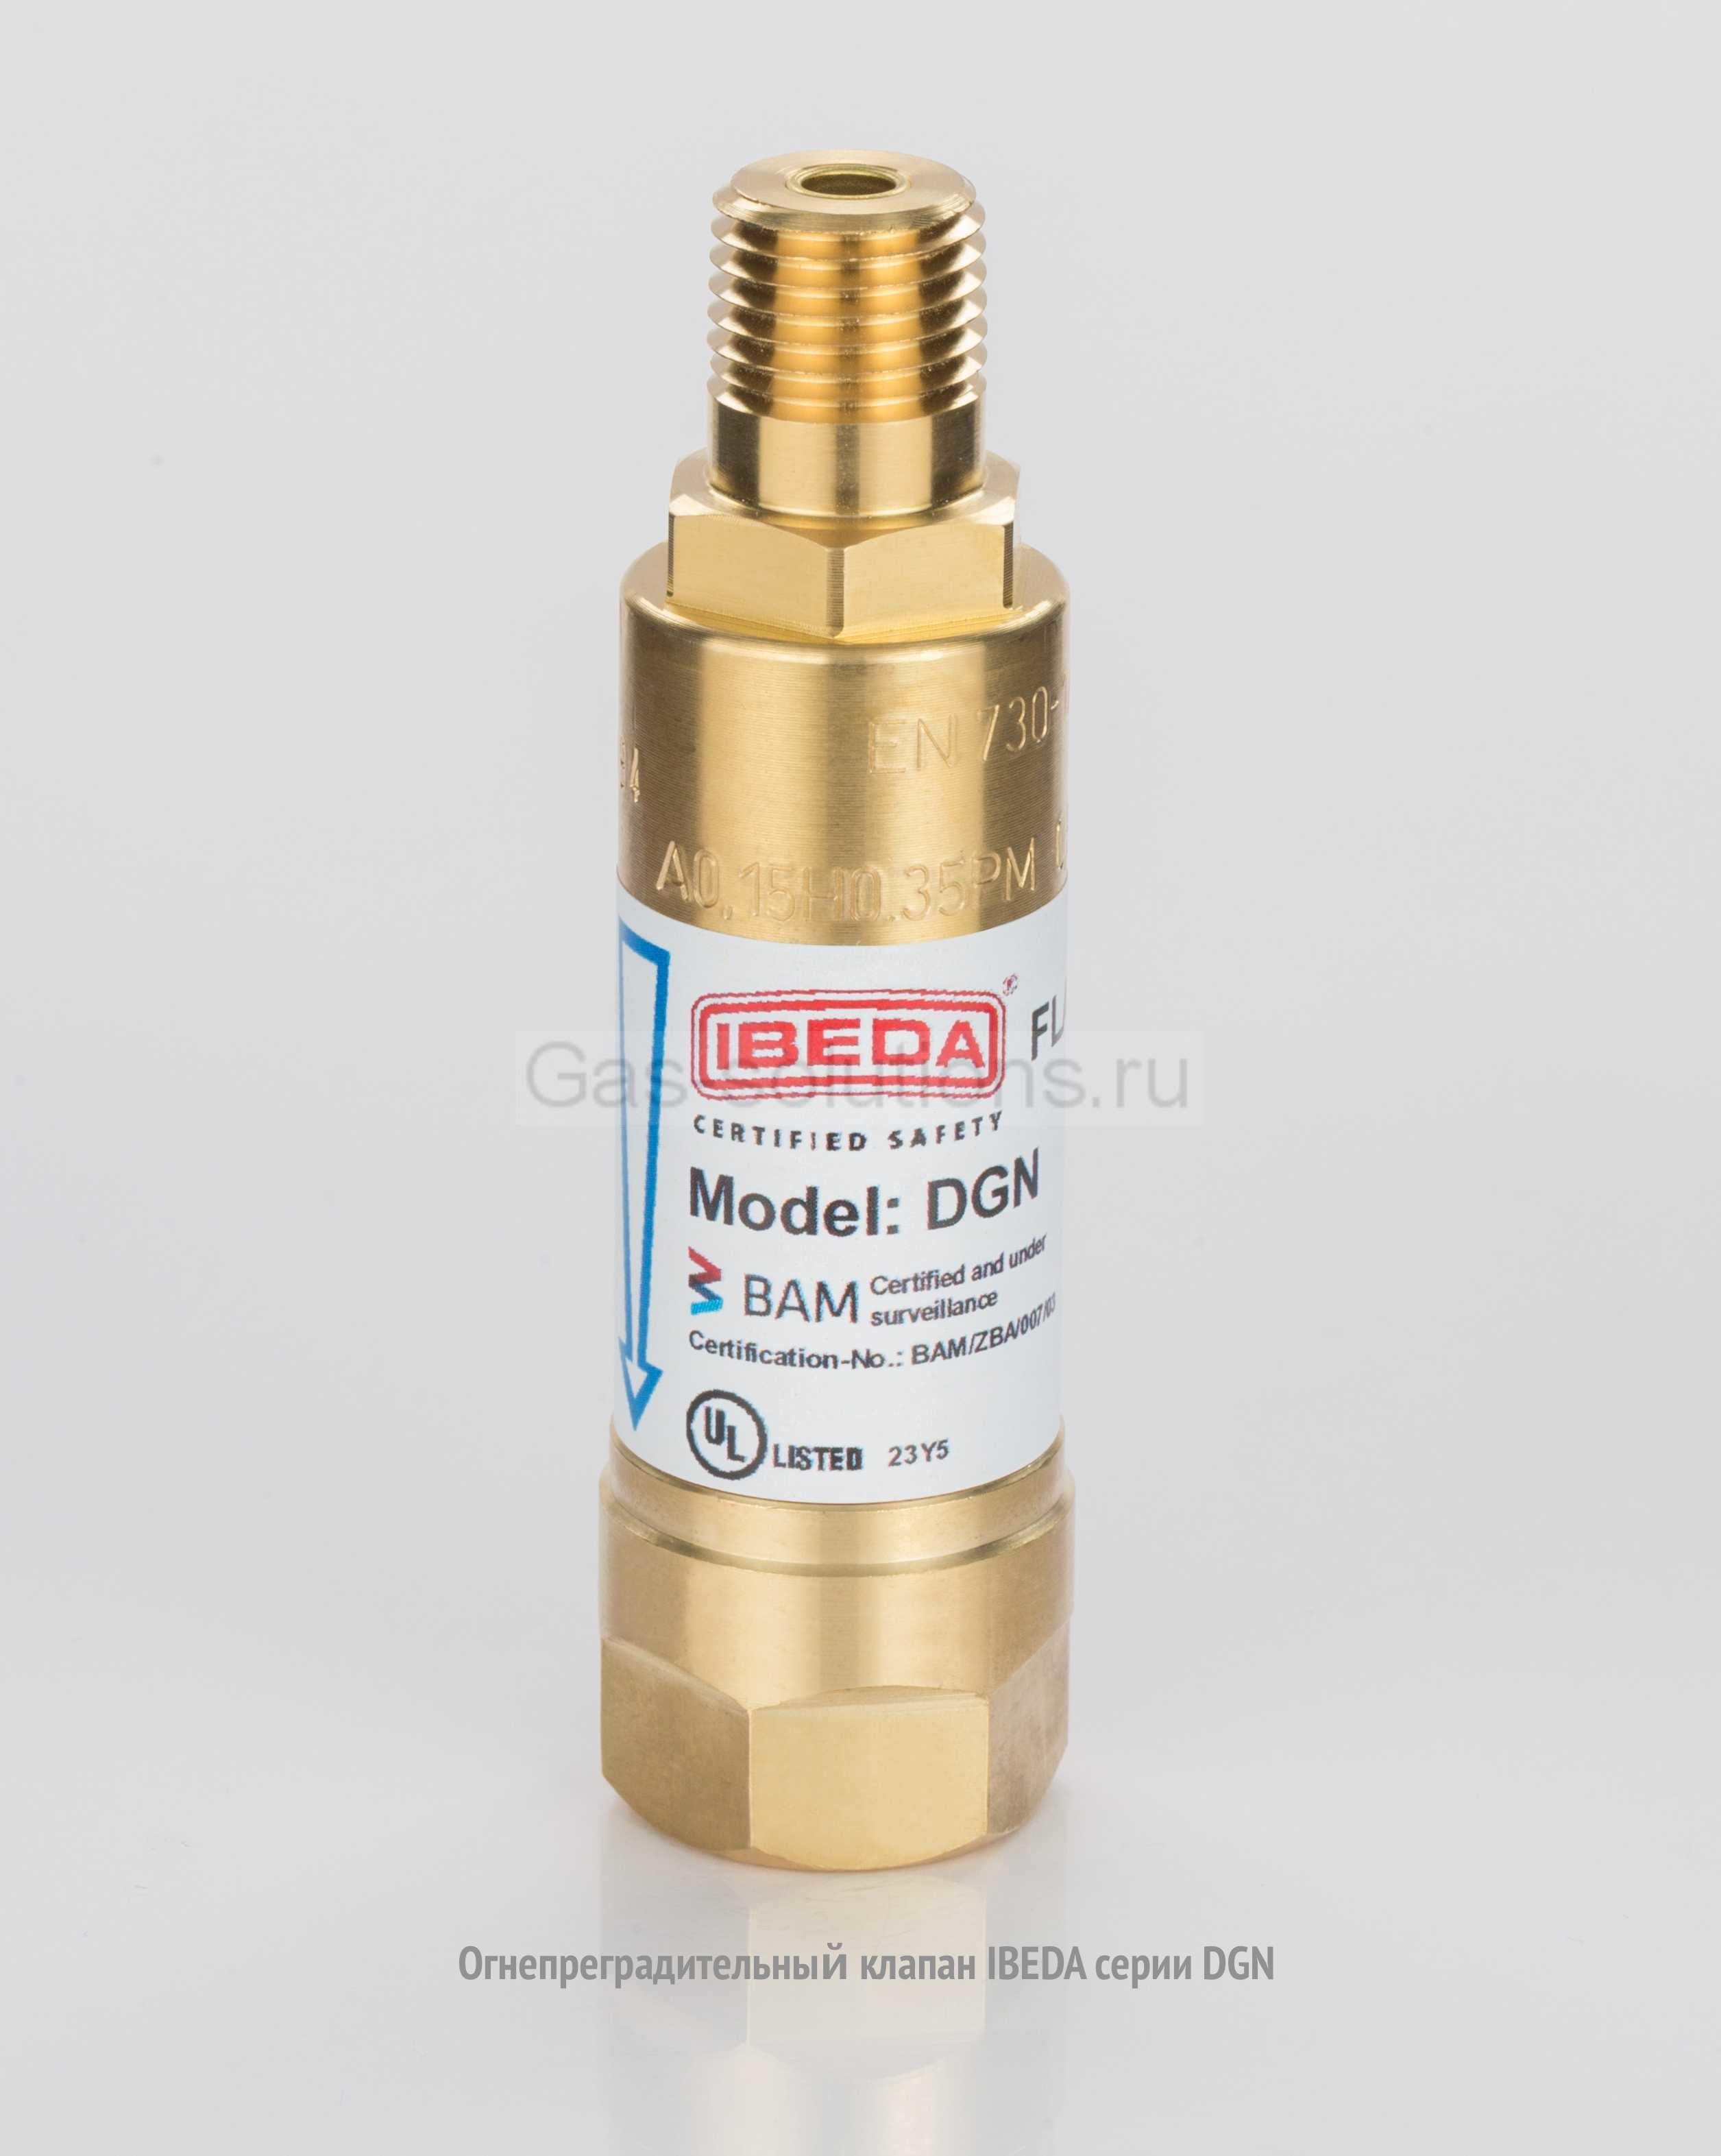 Огнепреградительный клапан IBEDA